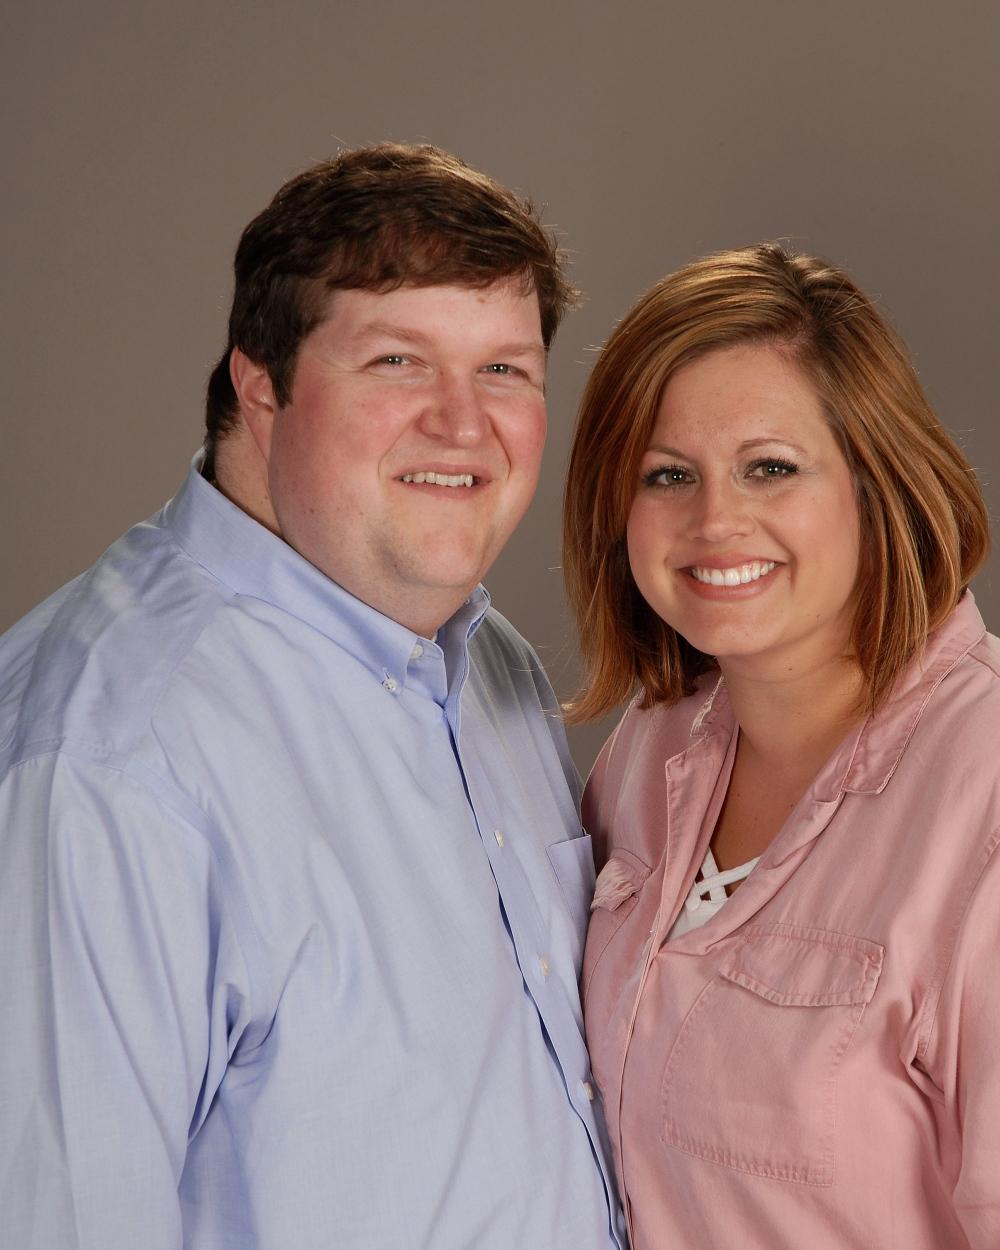 Jeff and Megan Cox - Music Directors